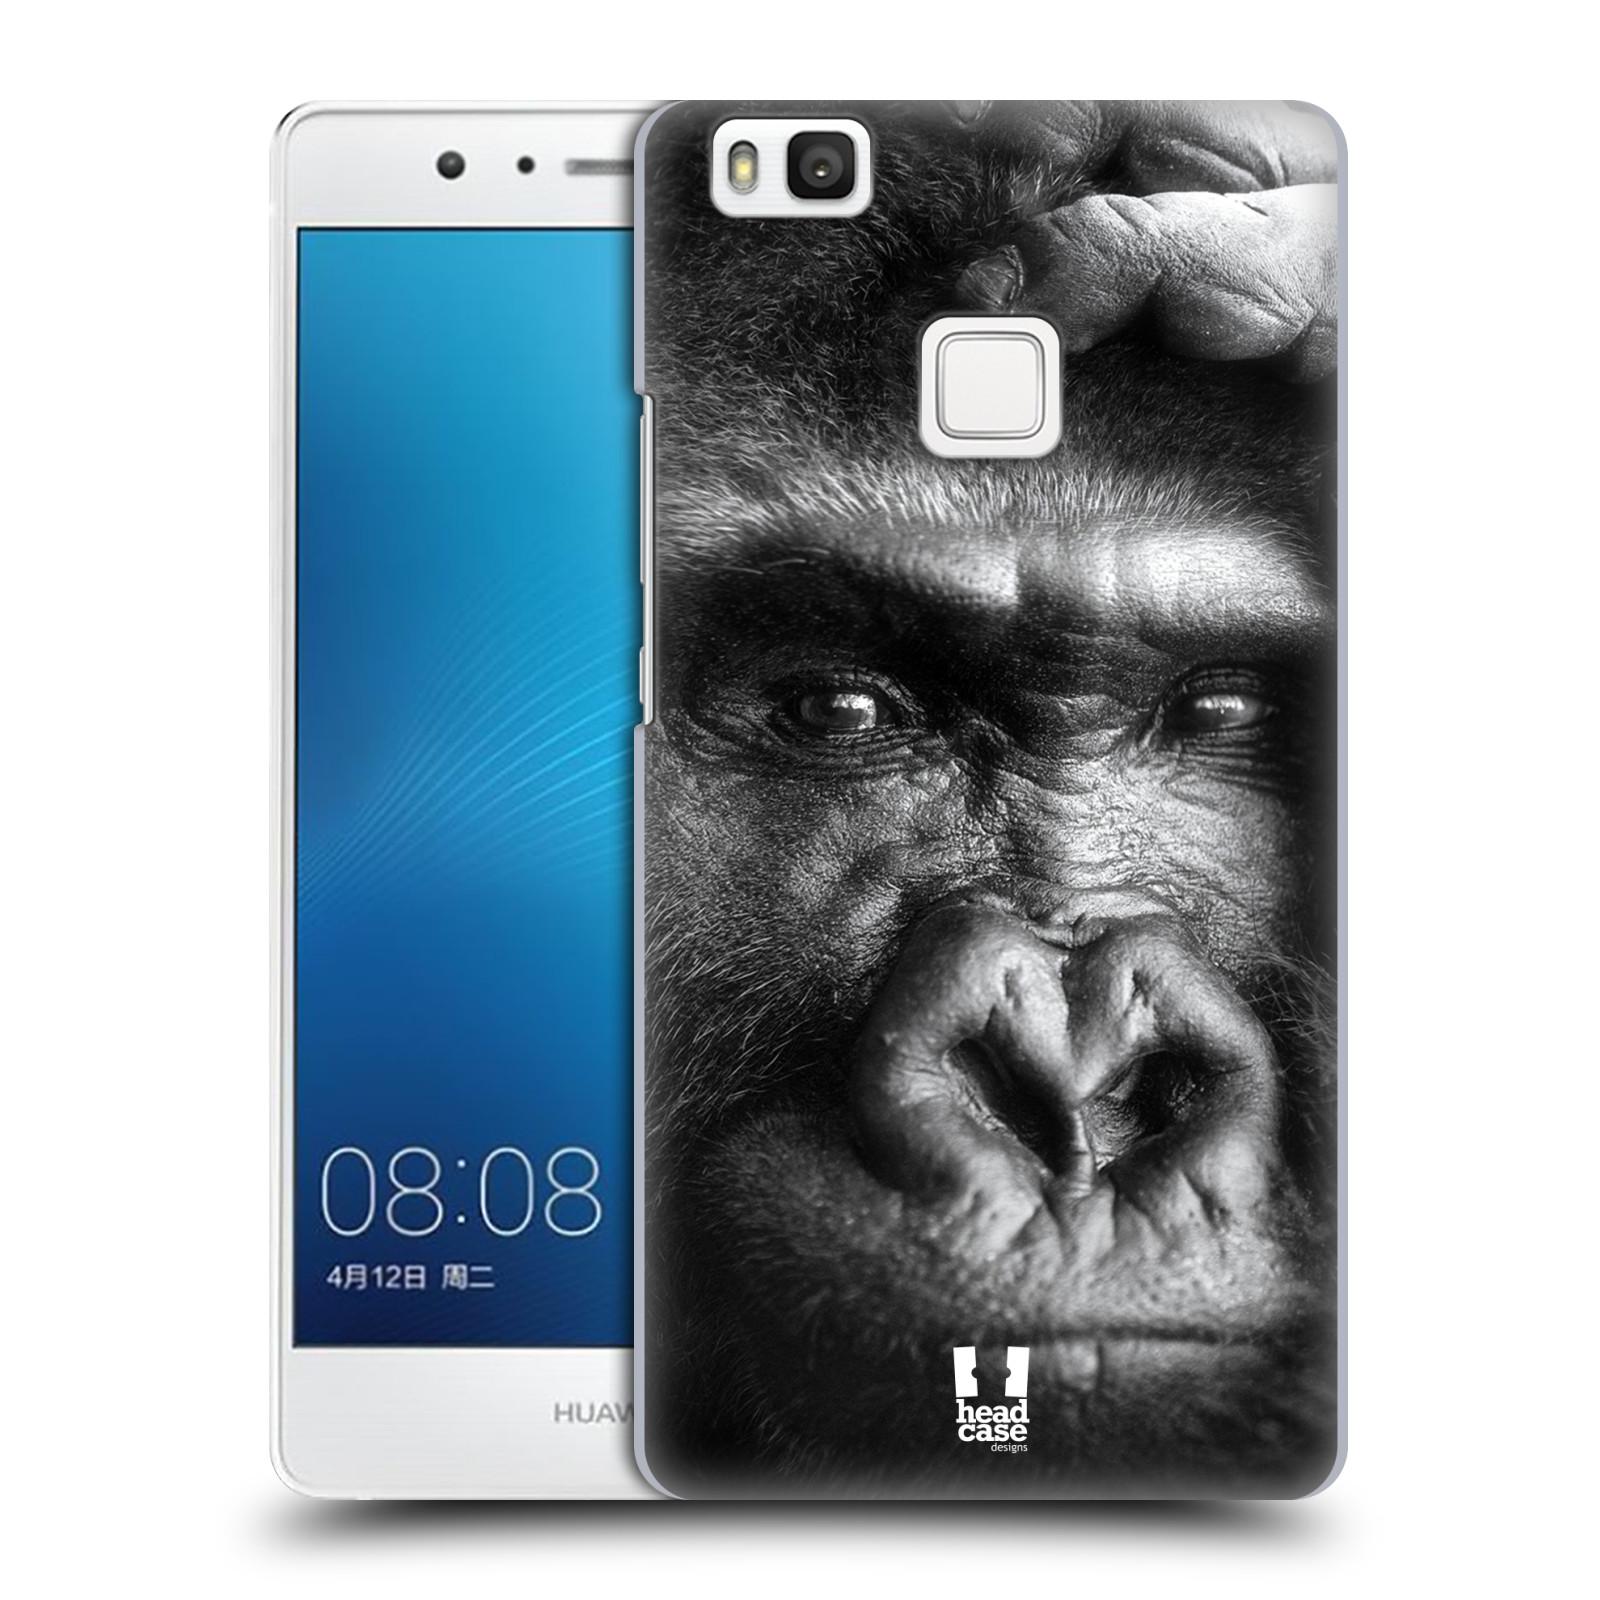 HEAD CASE plastový obal na mobil Huawei P9 LITE / P9 LITE DUAL SIM vzor Divočina, Divoký život a zvířata foto GORILA TVÁŘ